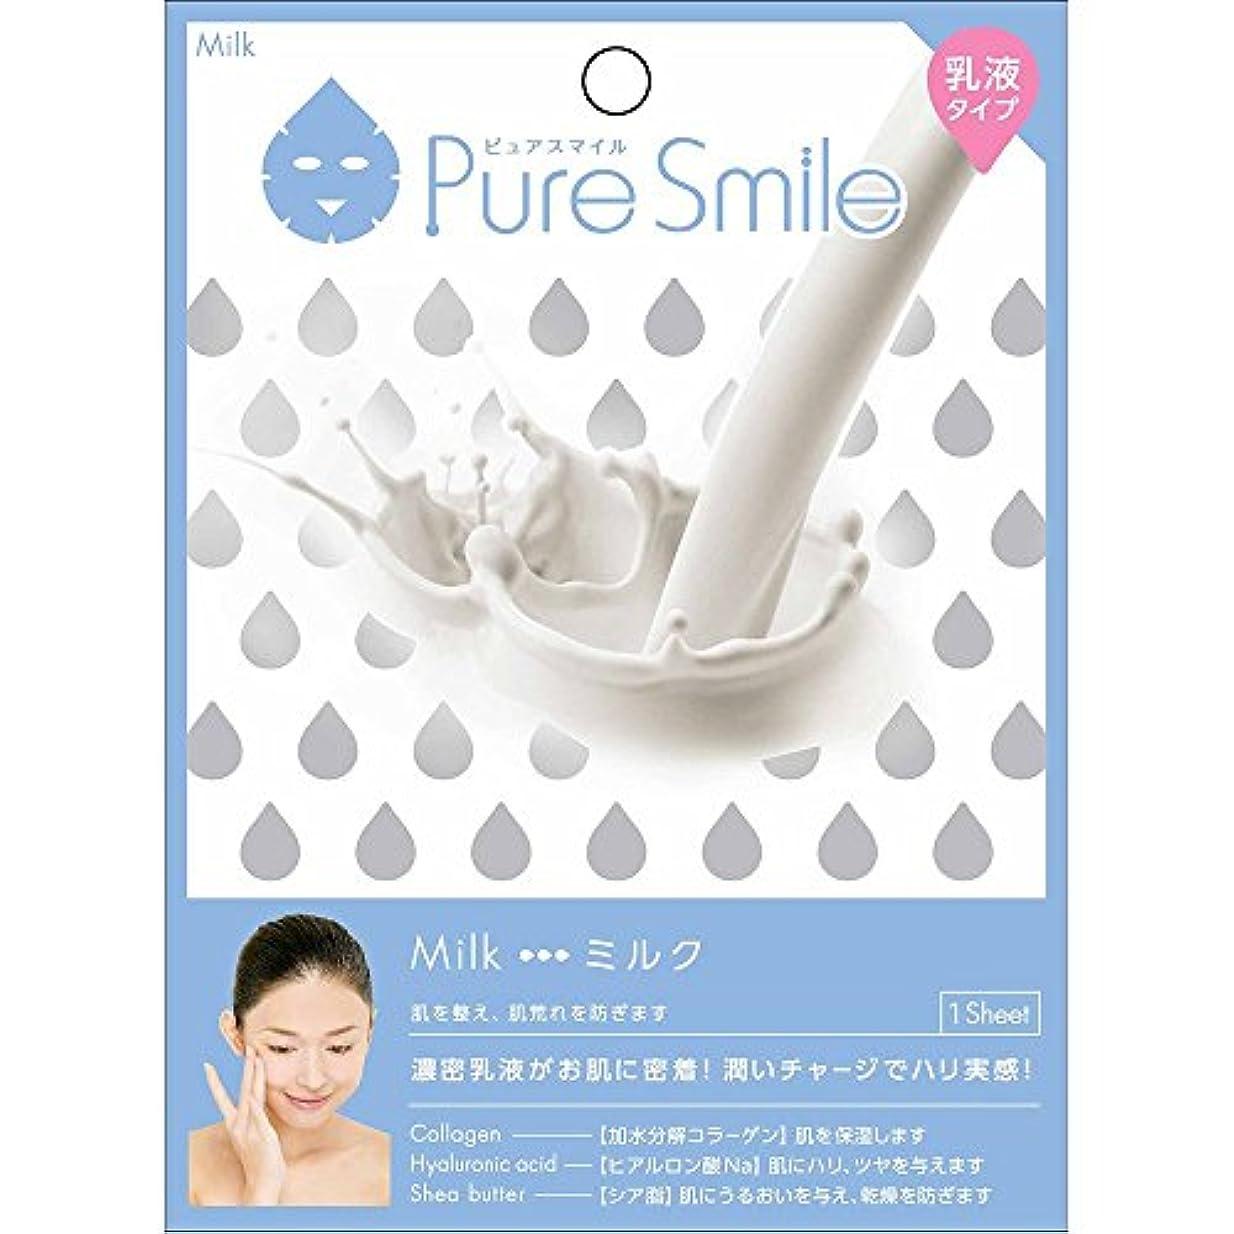 私たちの癌時Pure Smile(ピュアスマイル) 乳液エッセンスマスク 1 枚 ミルク